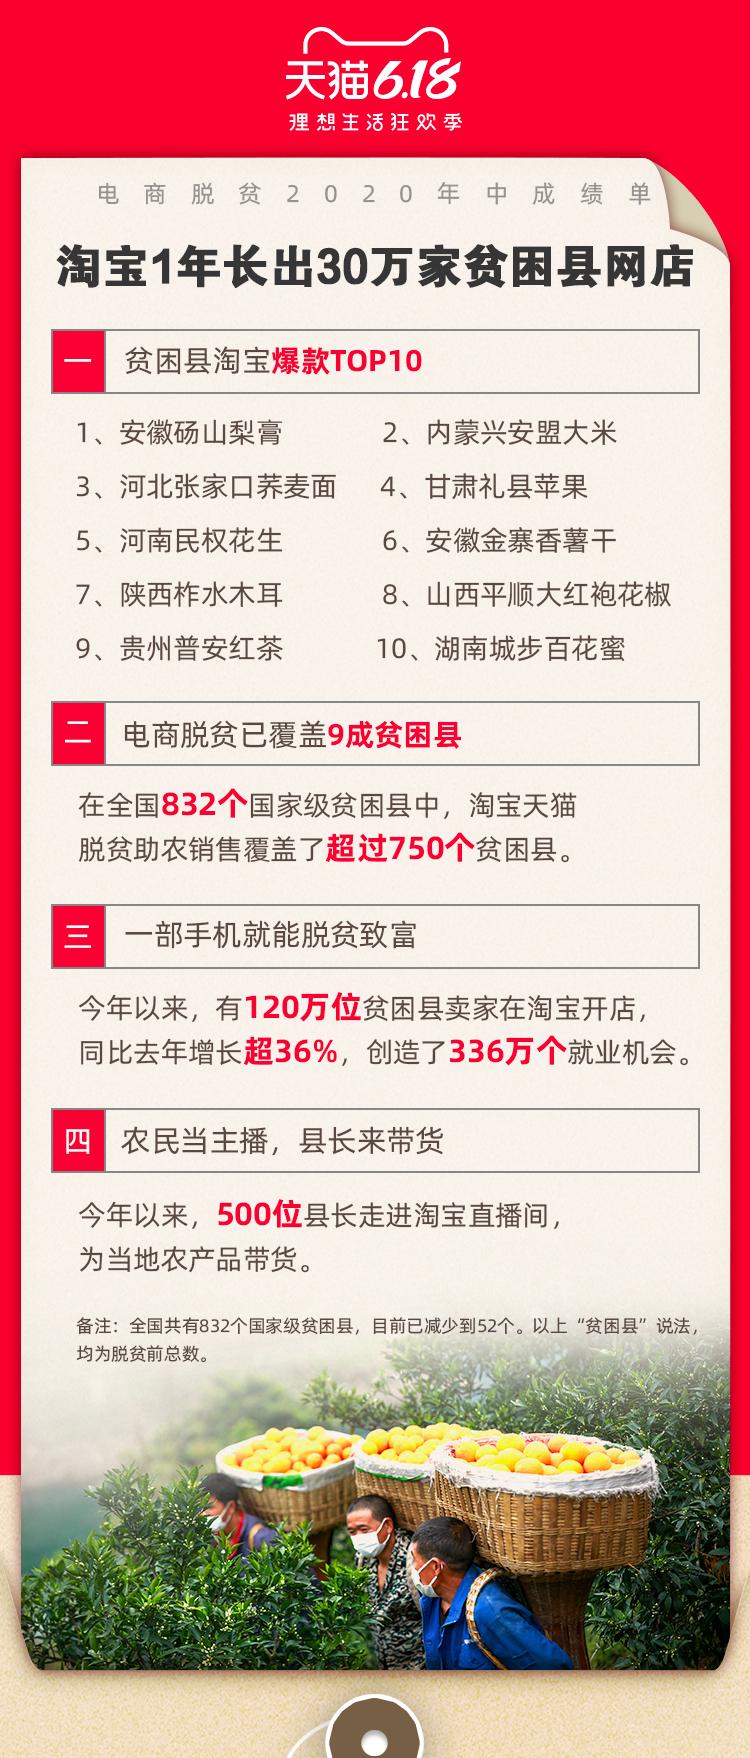 天猫618公布电商脱贫成绩单,贫困县卖家已超过120万!